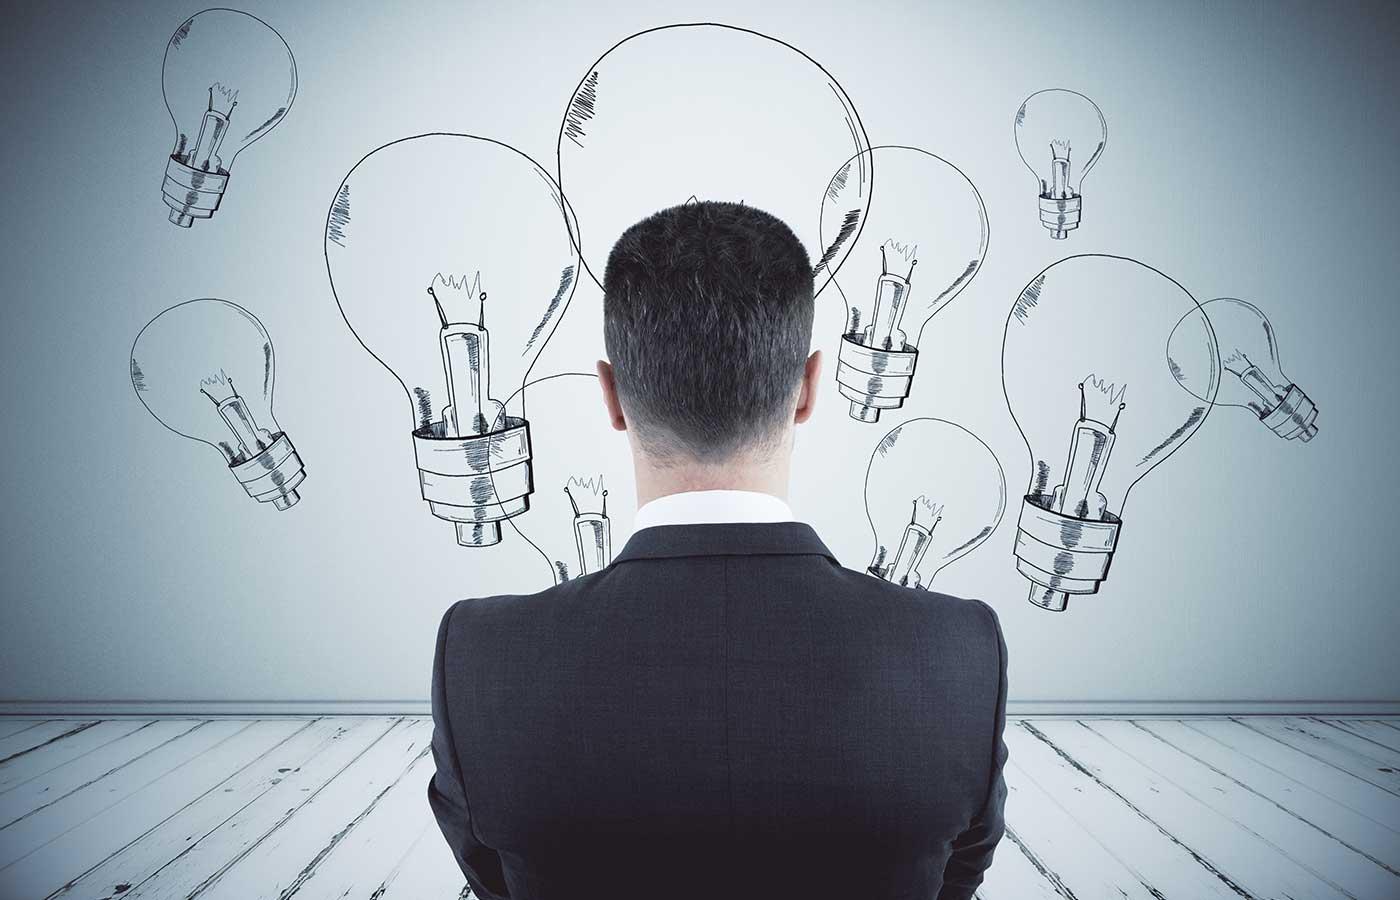 Ini dia 6 Bisnis yang Sedang Nge-tren Saat ini! (Bagian 2)